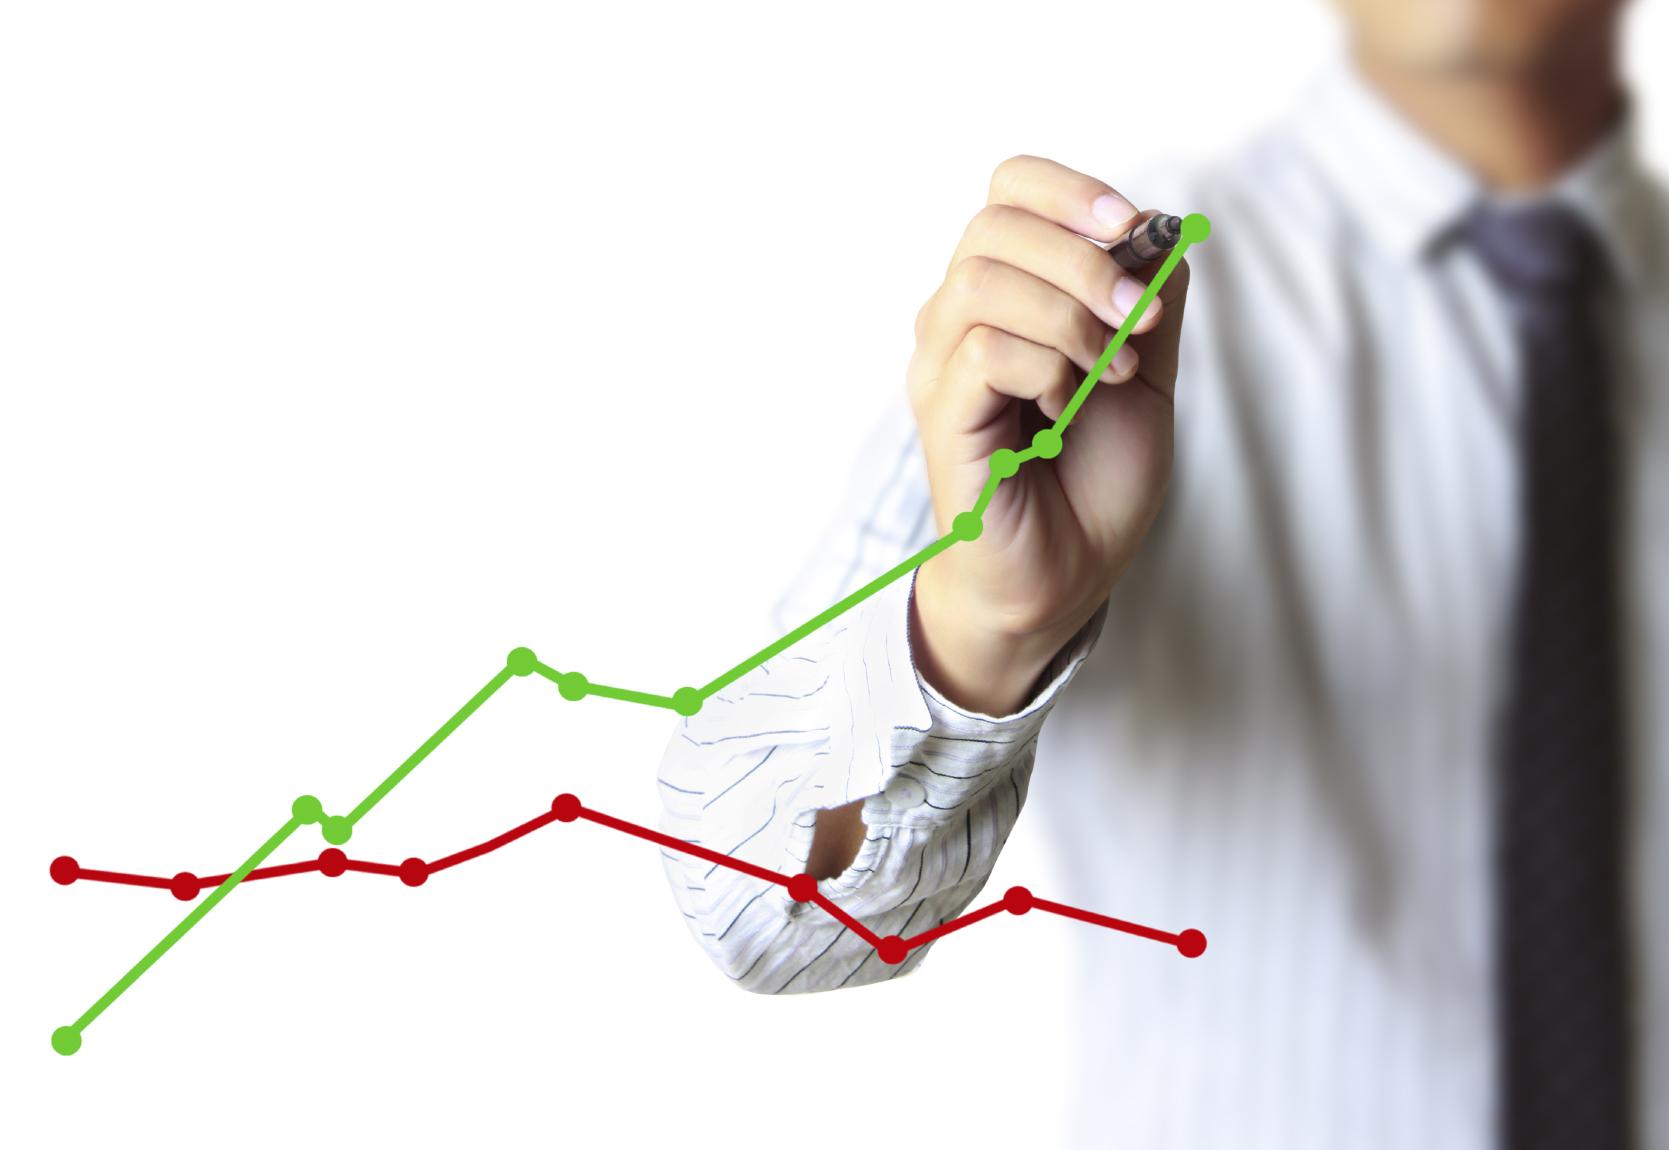 Strategie opzioni binarie: come utilizzare il pivot point